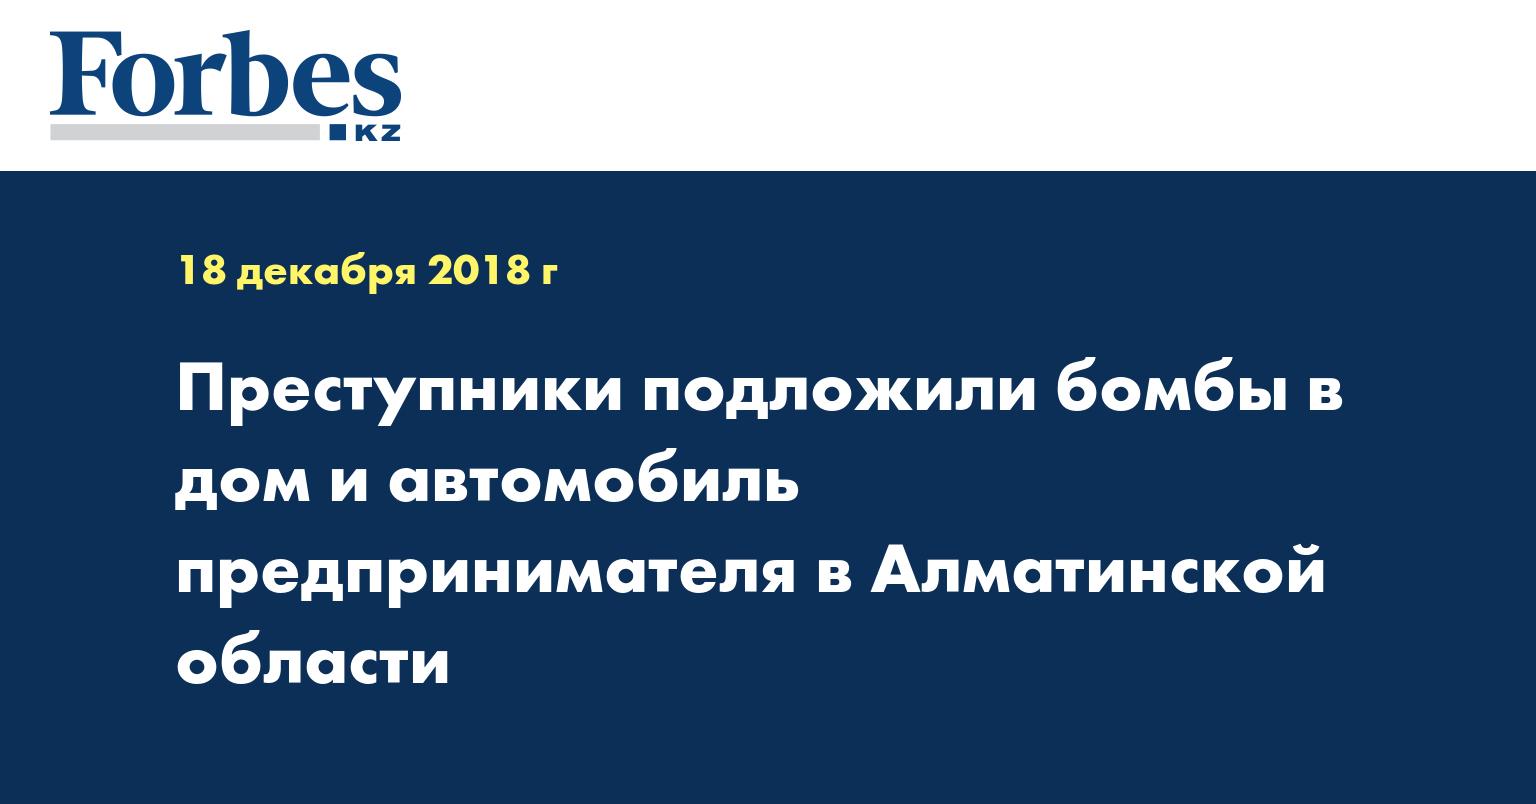 Преступники подложили бомбы в дом и автомобиль предпринимателя в Алматинской области